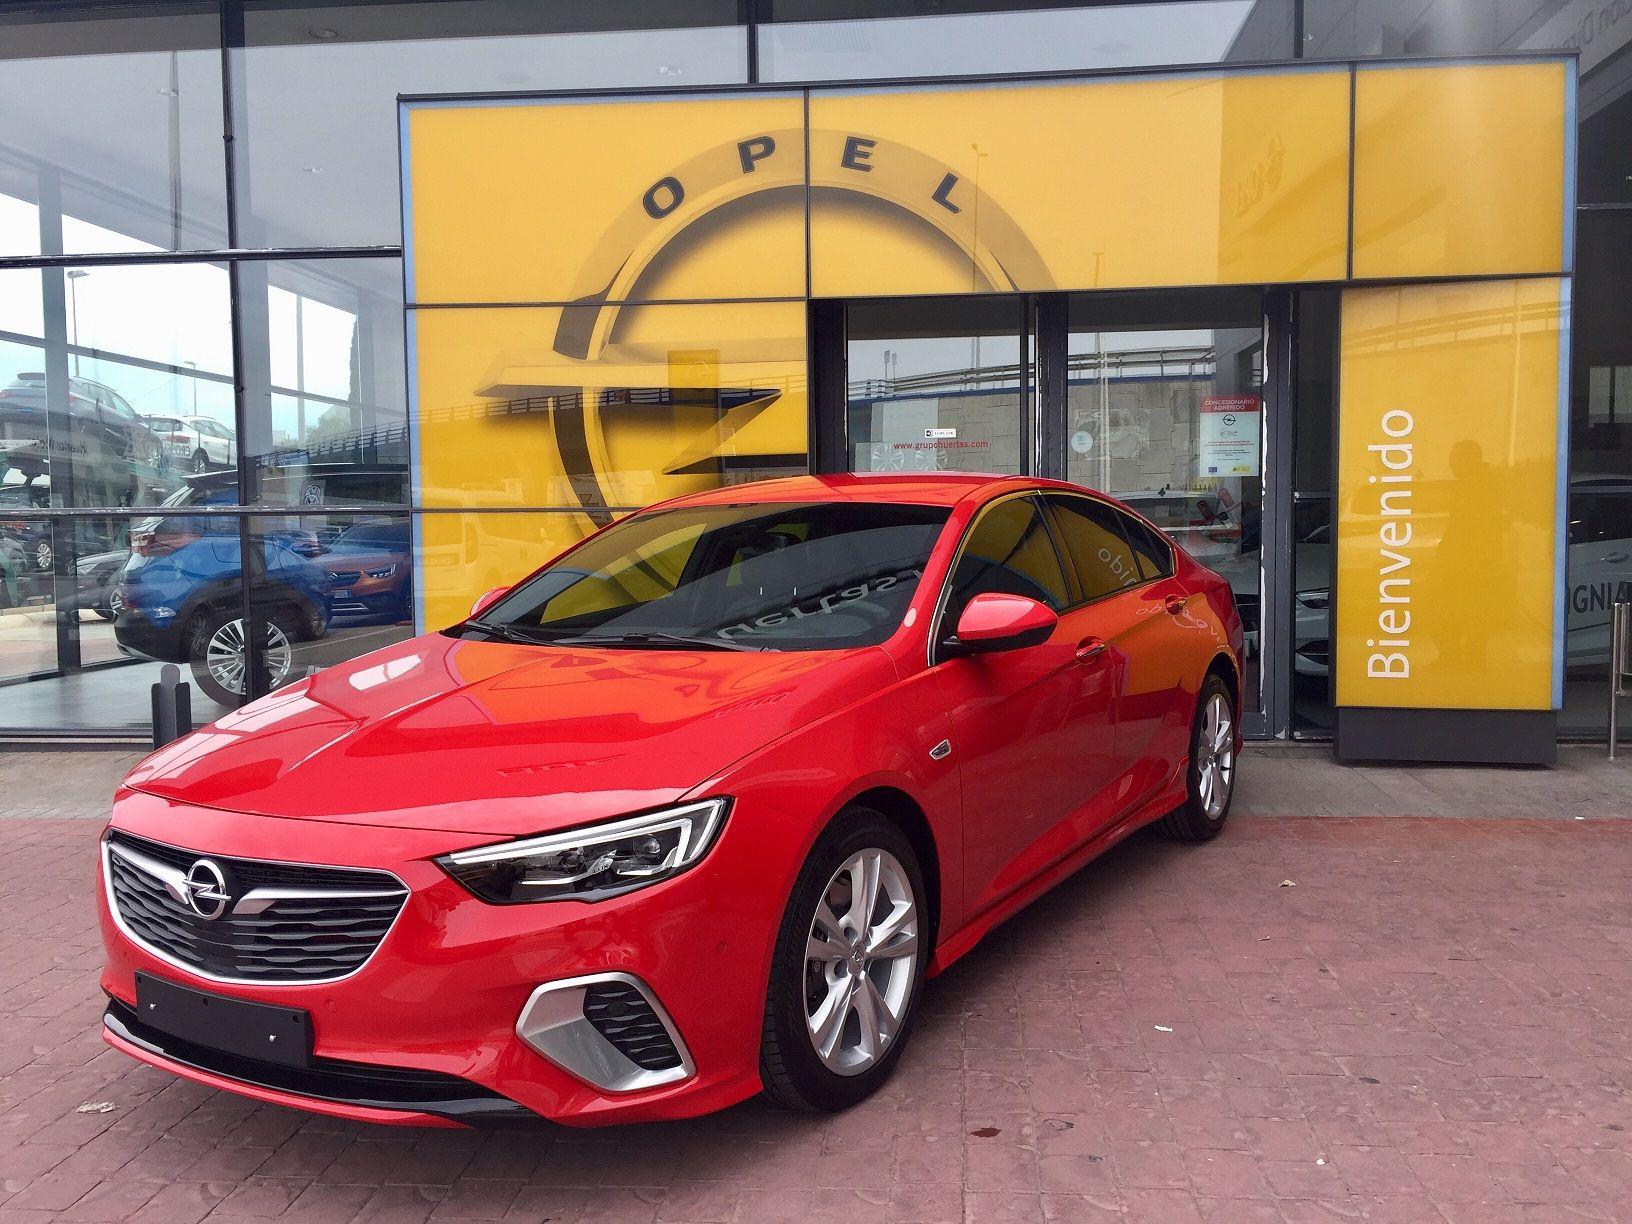 Ven a conocer la Gama mas deportiva de Opel